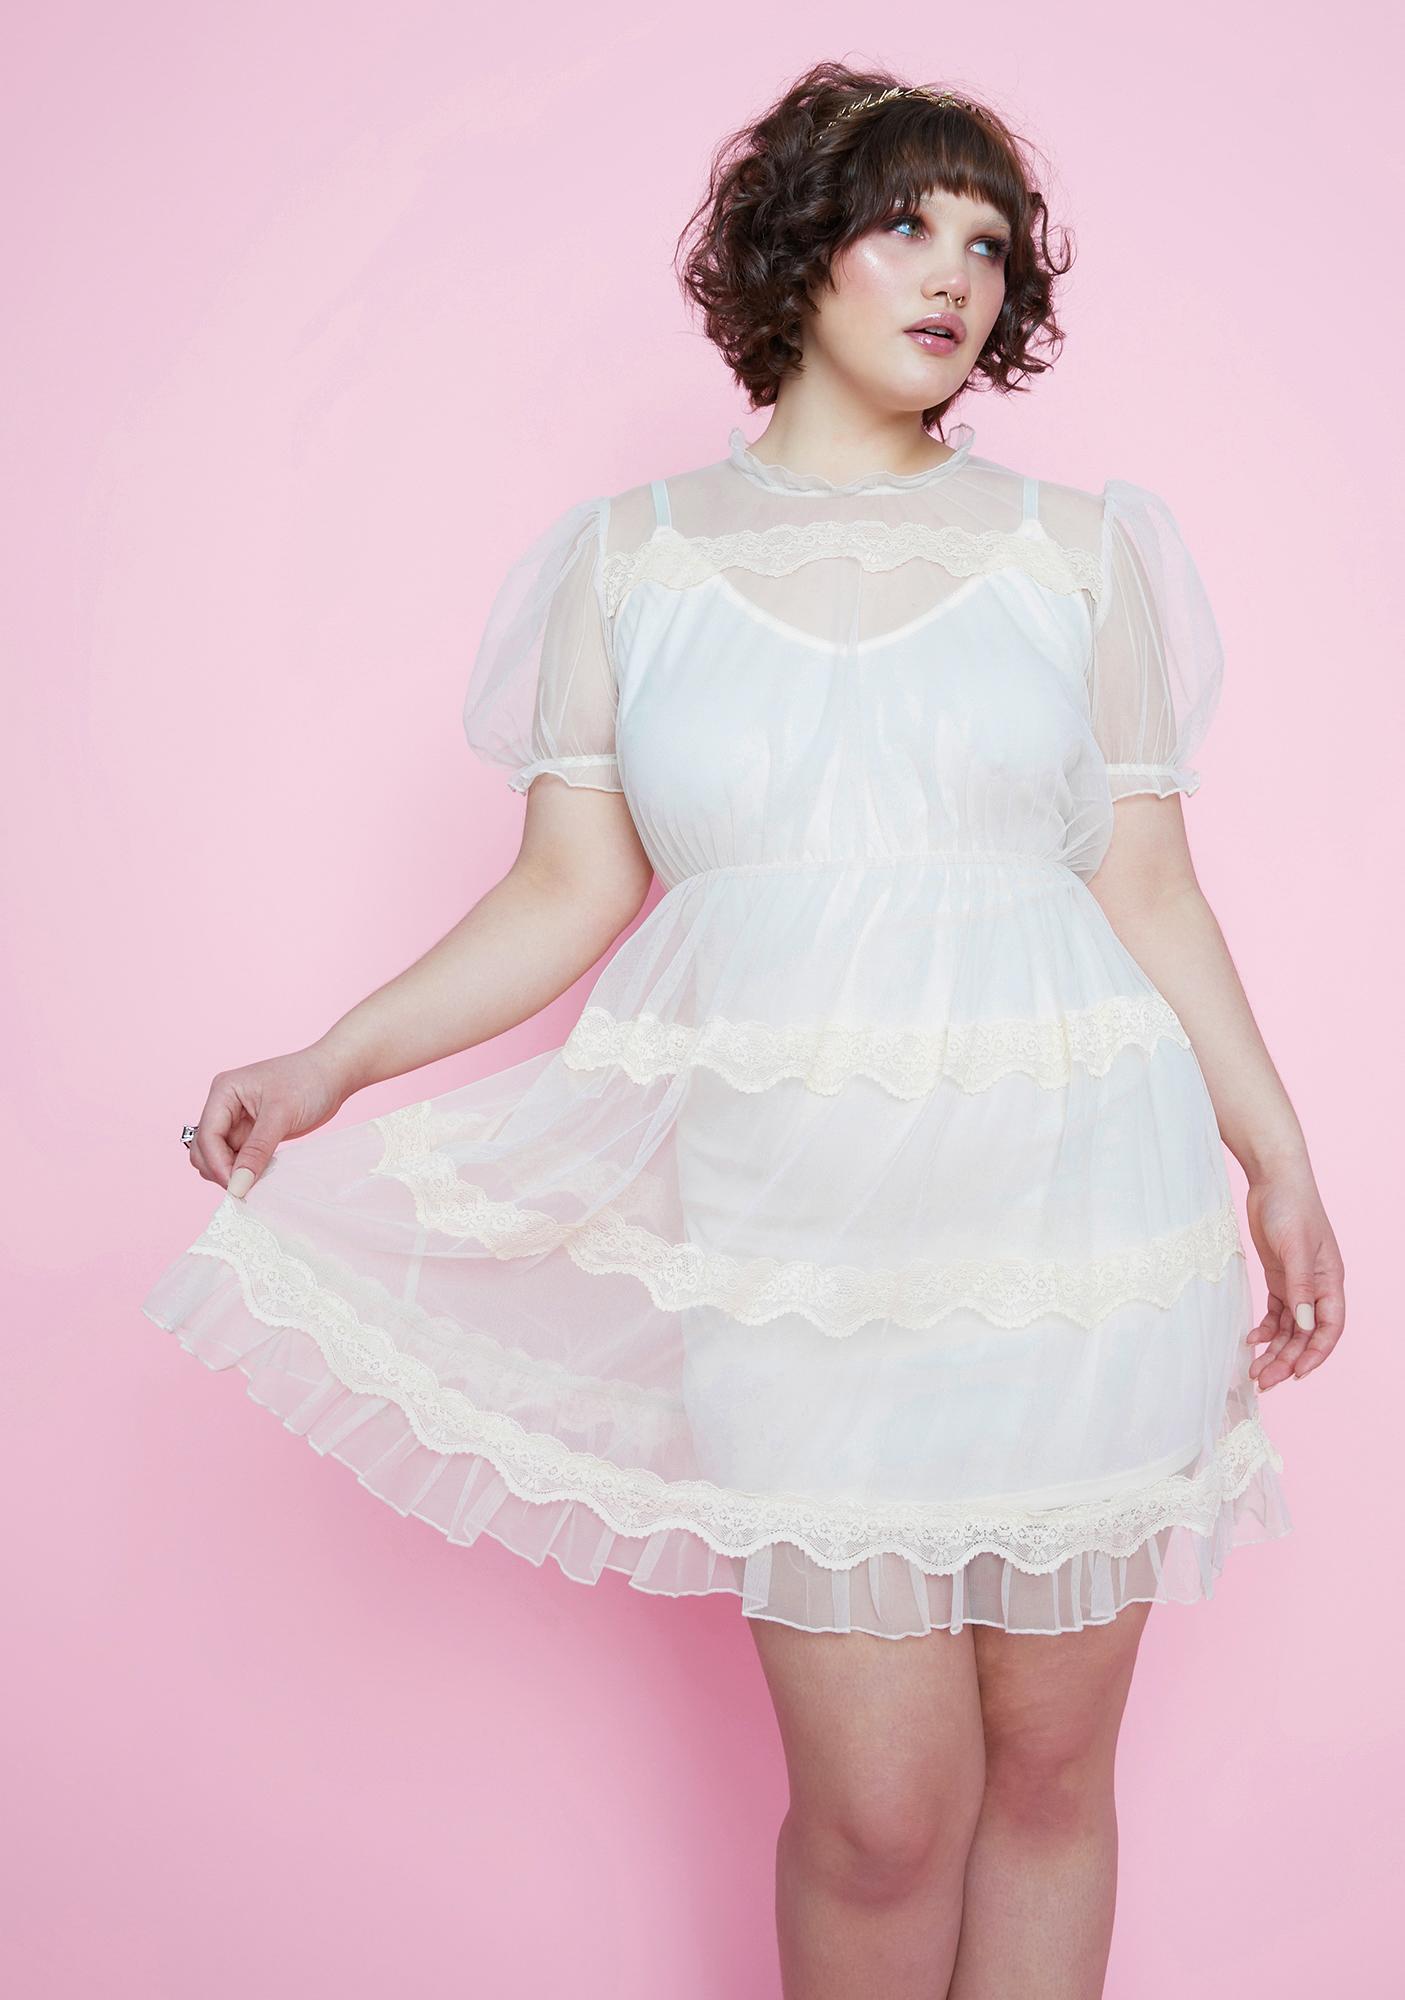 Sugar Thrillz My Dream Meadow Sheer Babydoll Dress